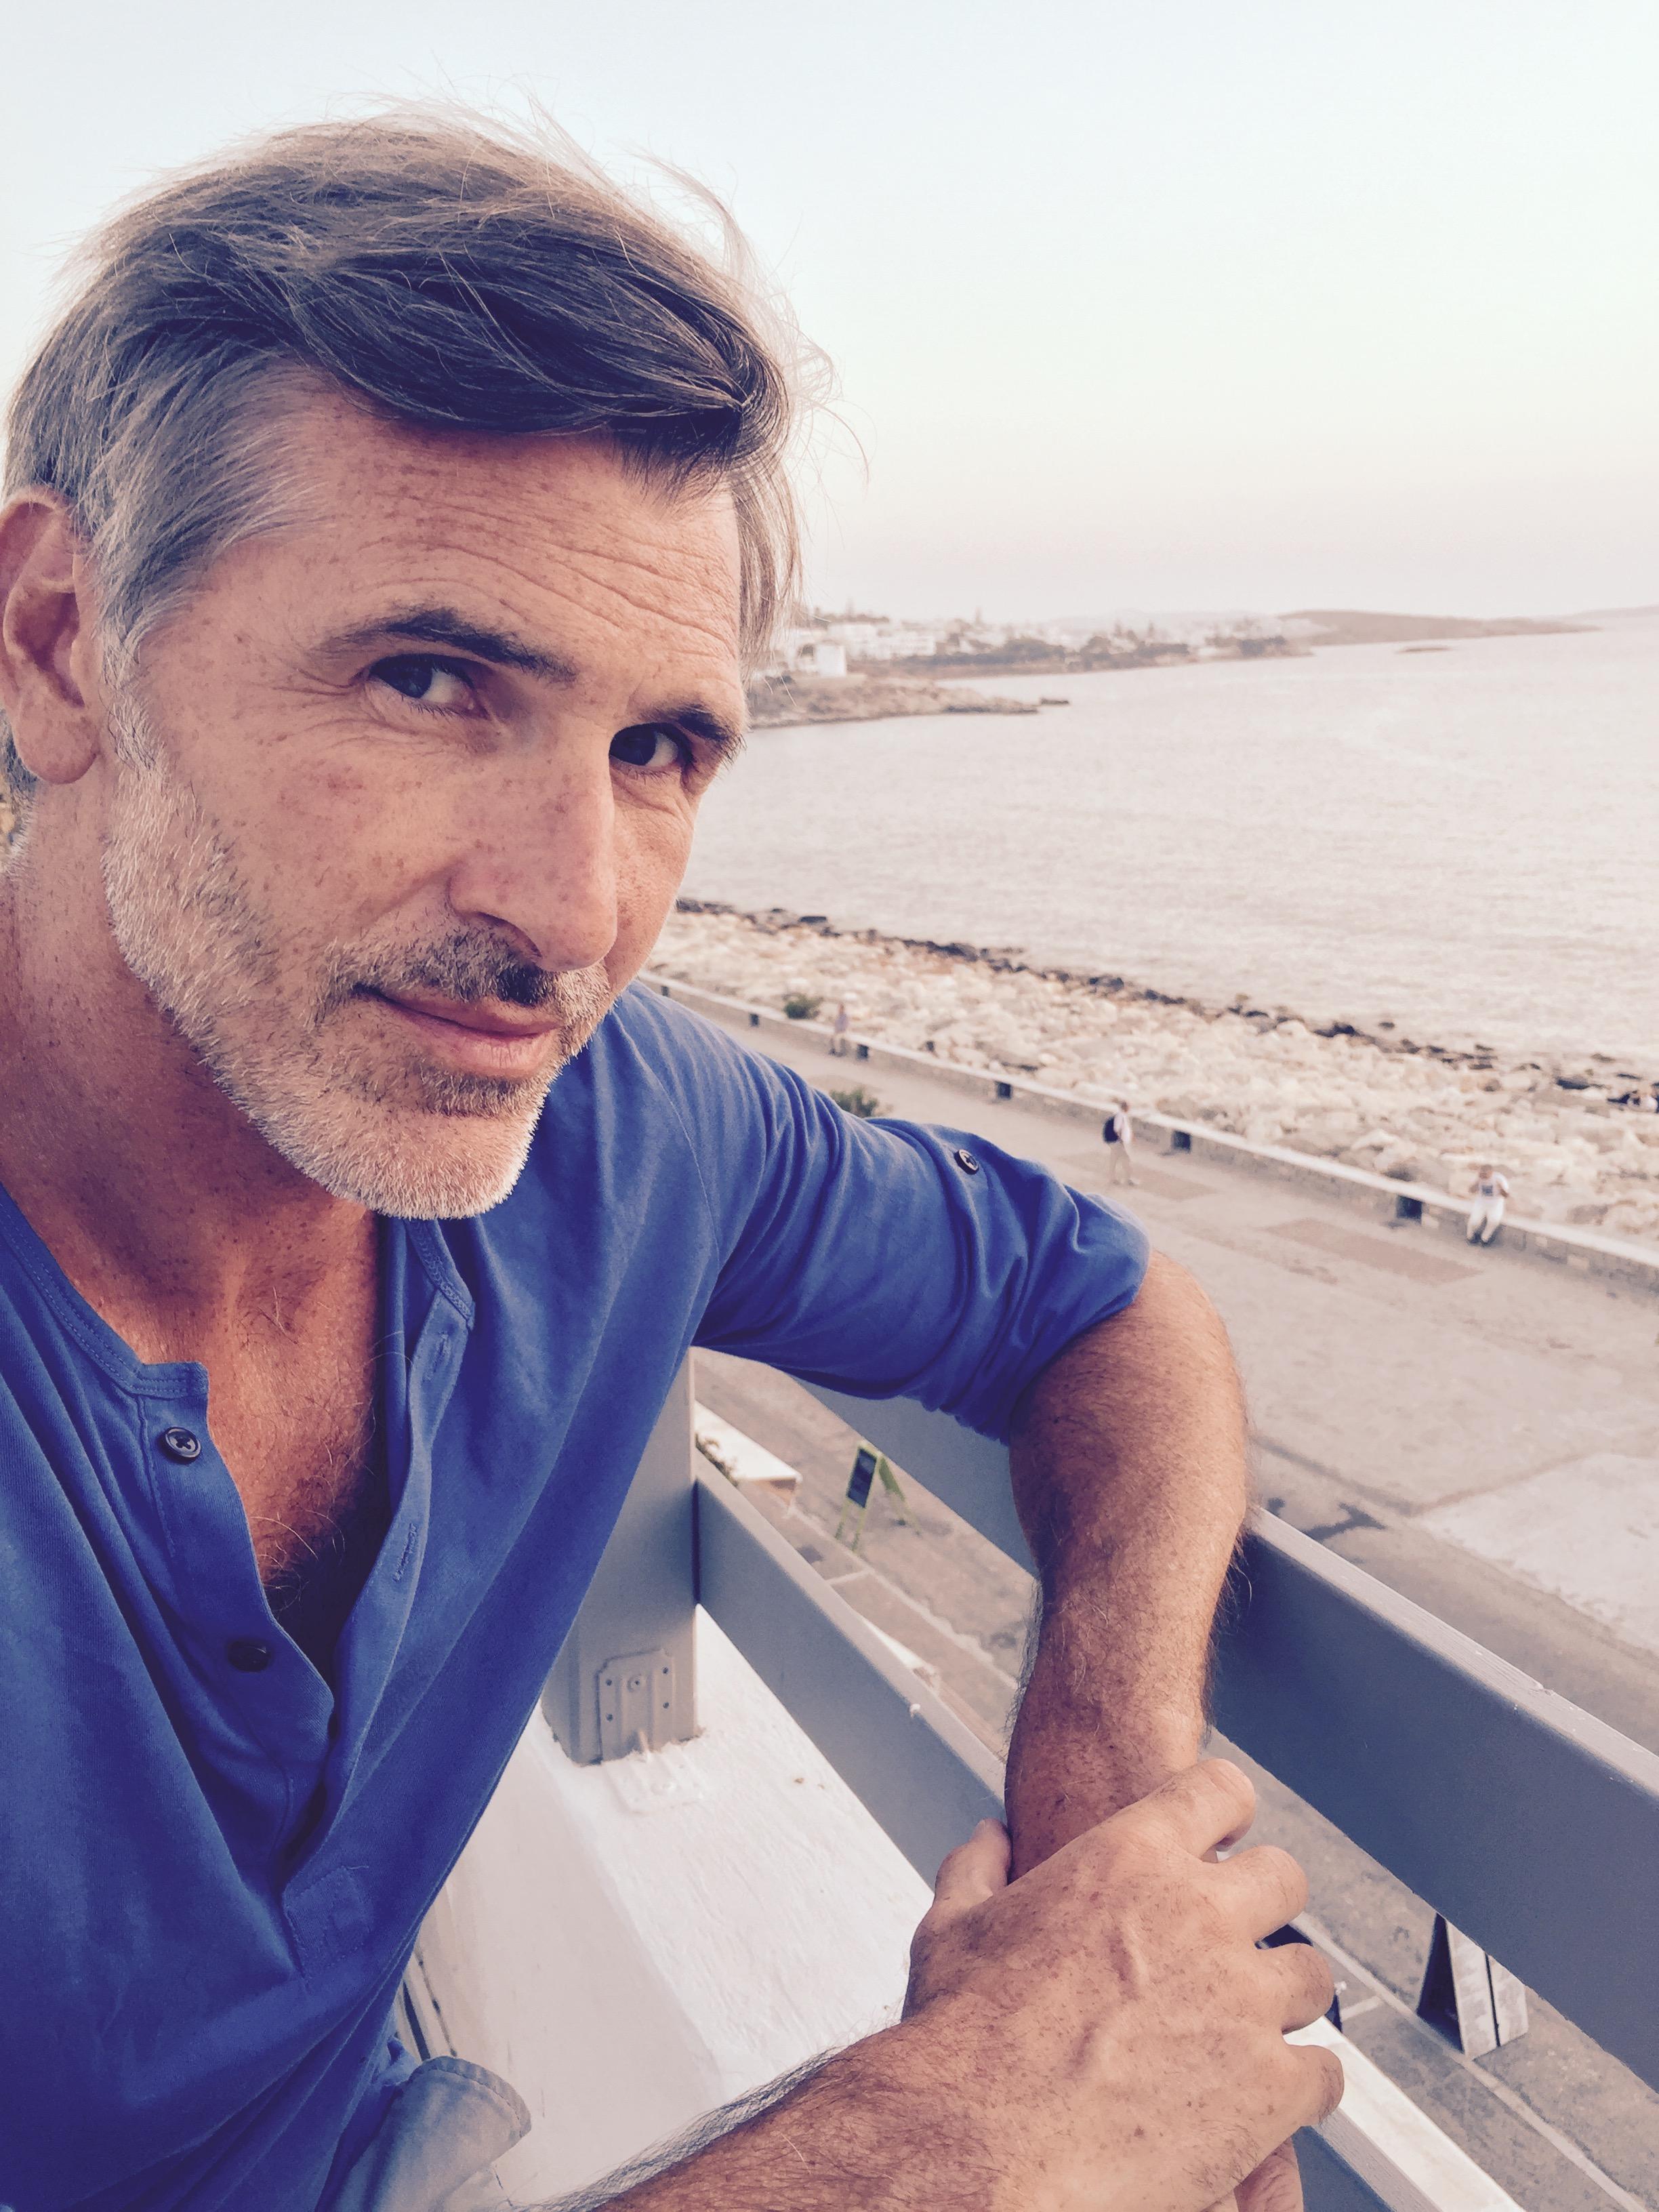 Franck Nicolleau  Avocat & Enseignant  Enseignant en Droit, Art Oratoire et Pouvoir de conviction